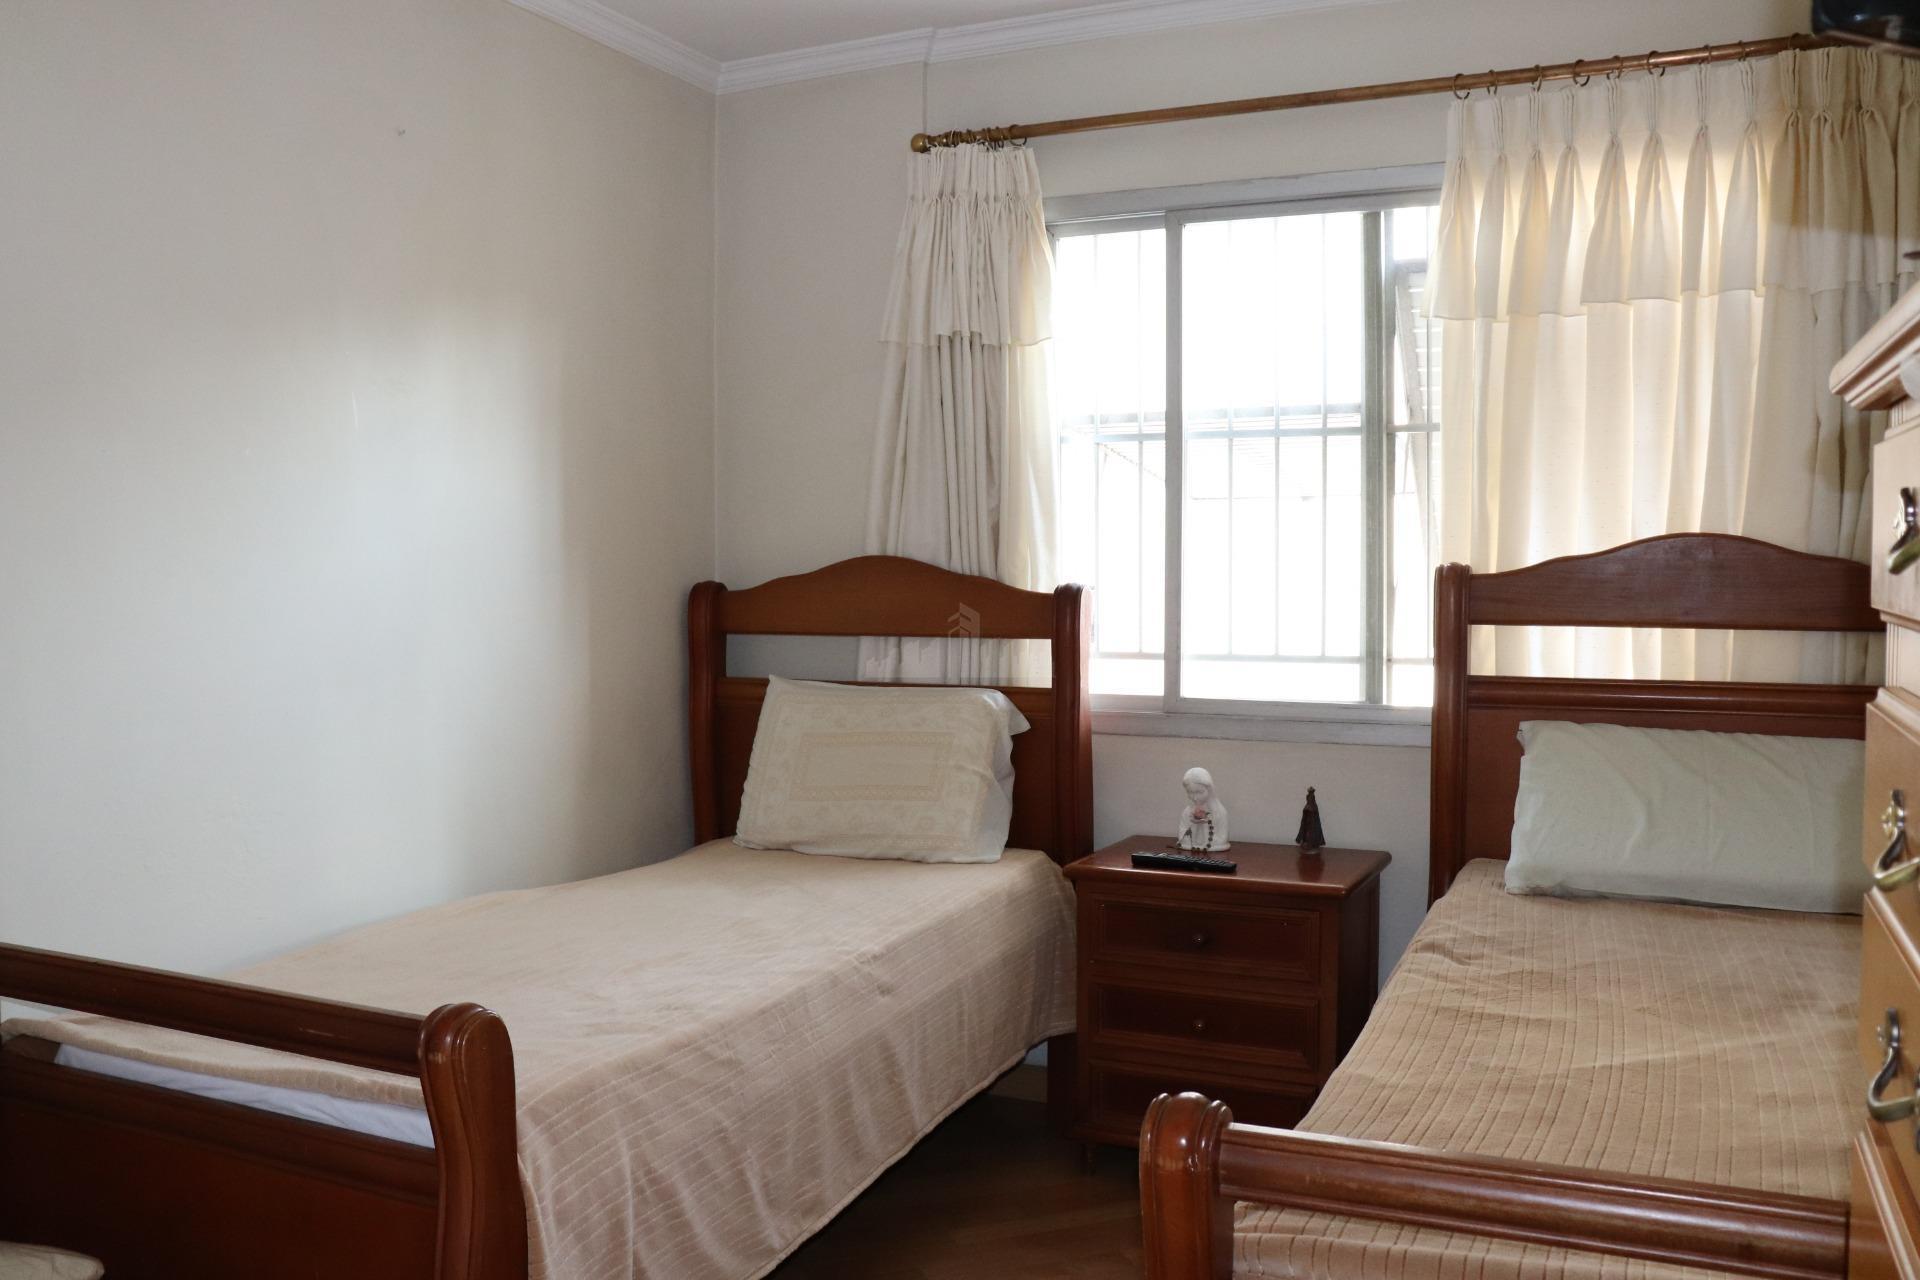 apartamento a venda de 2 dormitórios , 87,00 de área útil , banheiro social , sala...